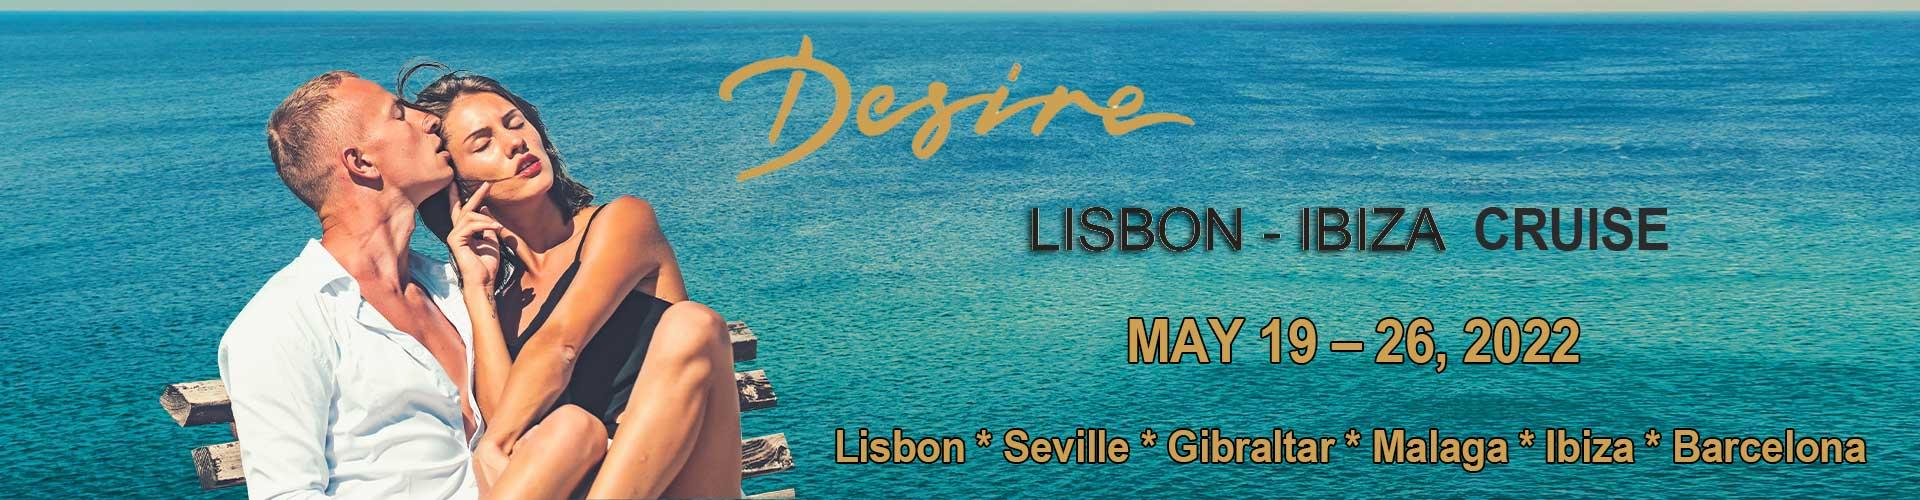 DESIRE LISBON – IBIZA CRUISE